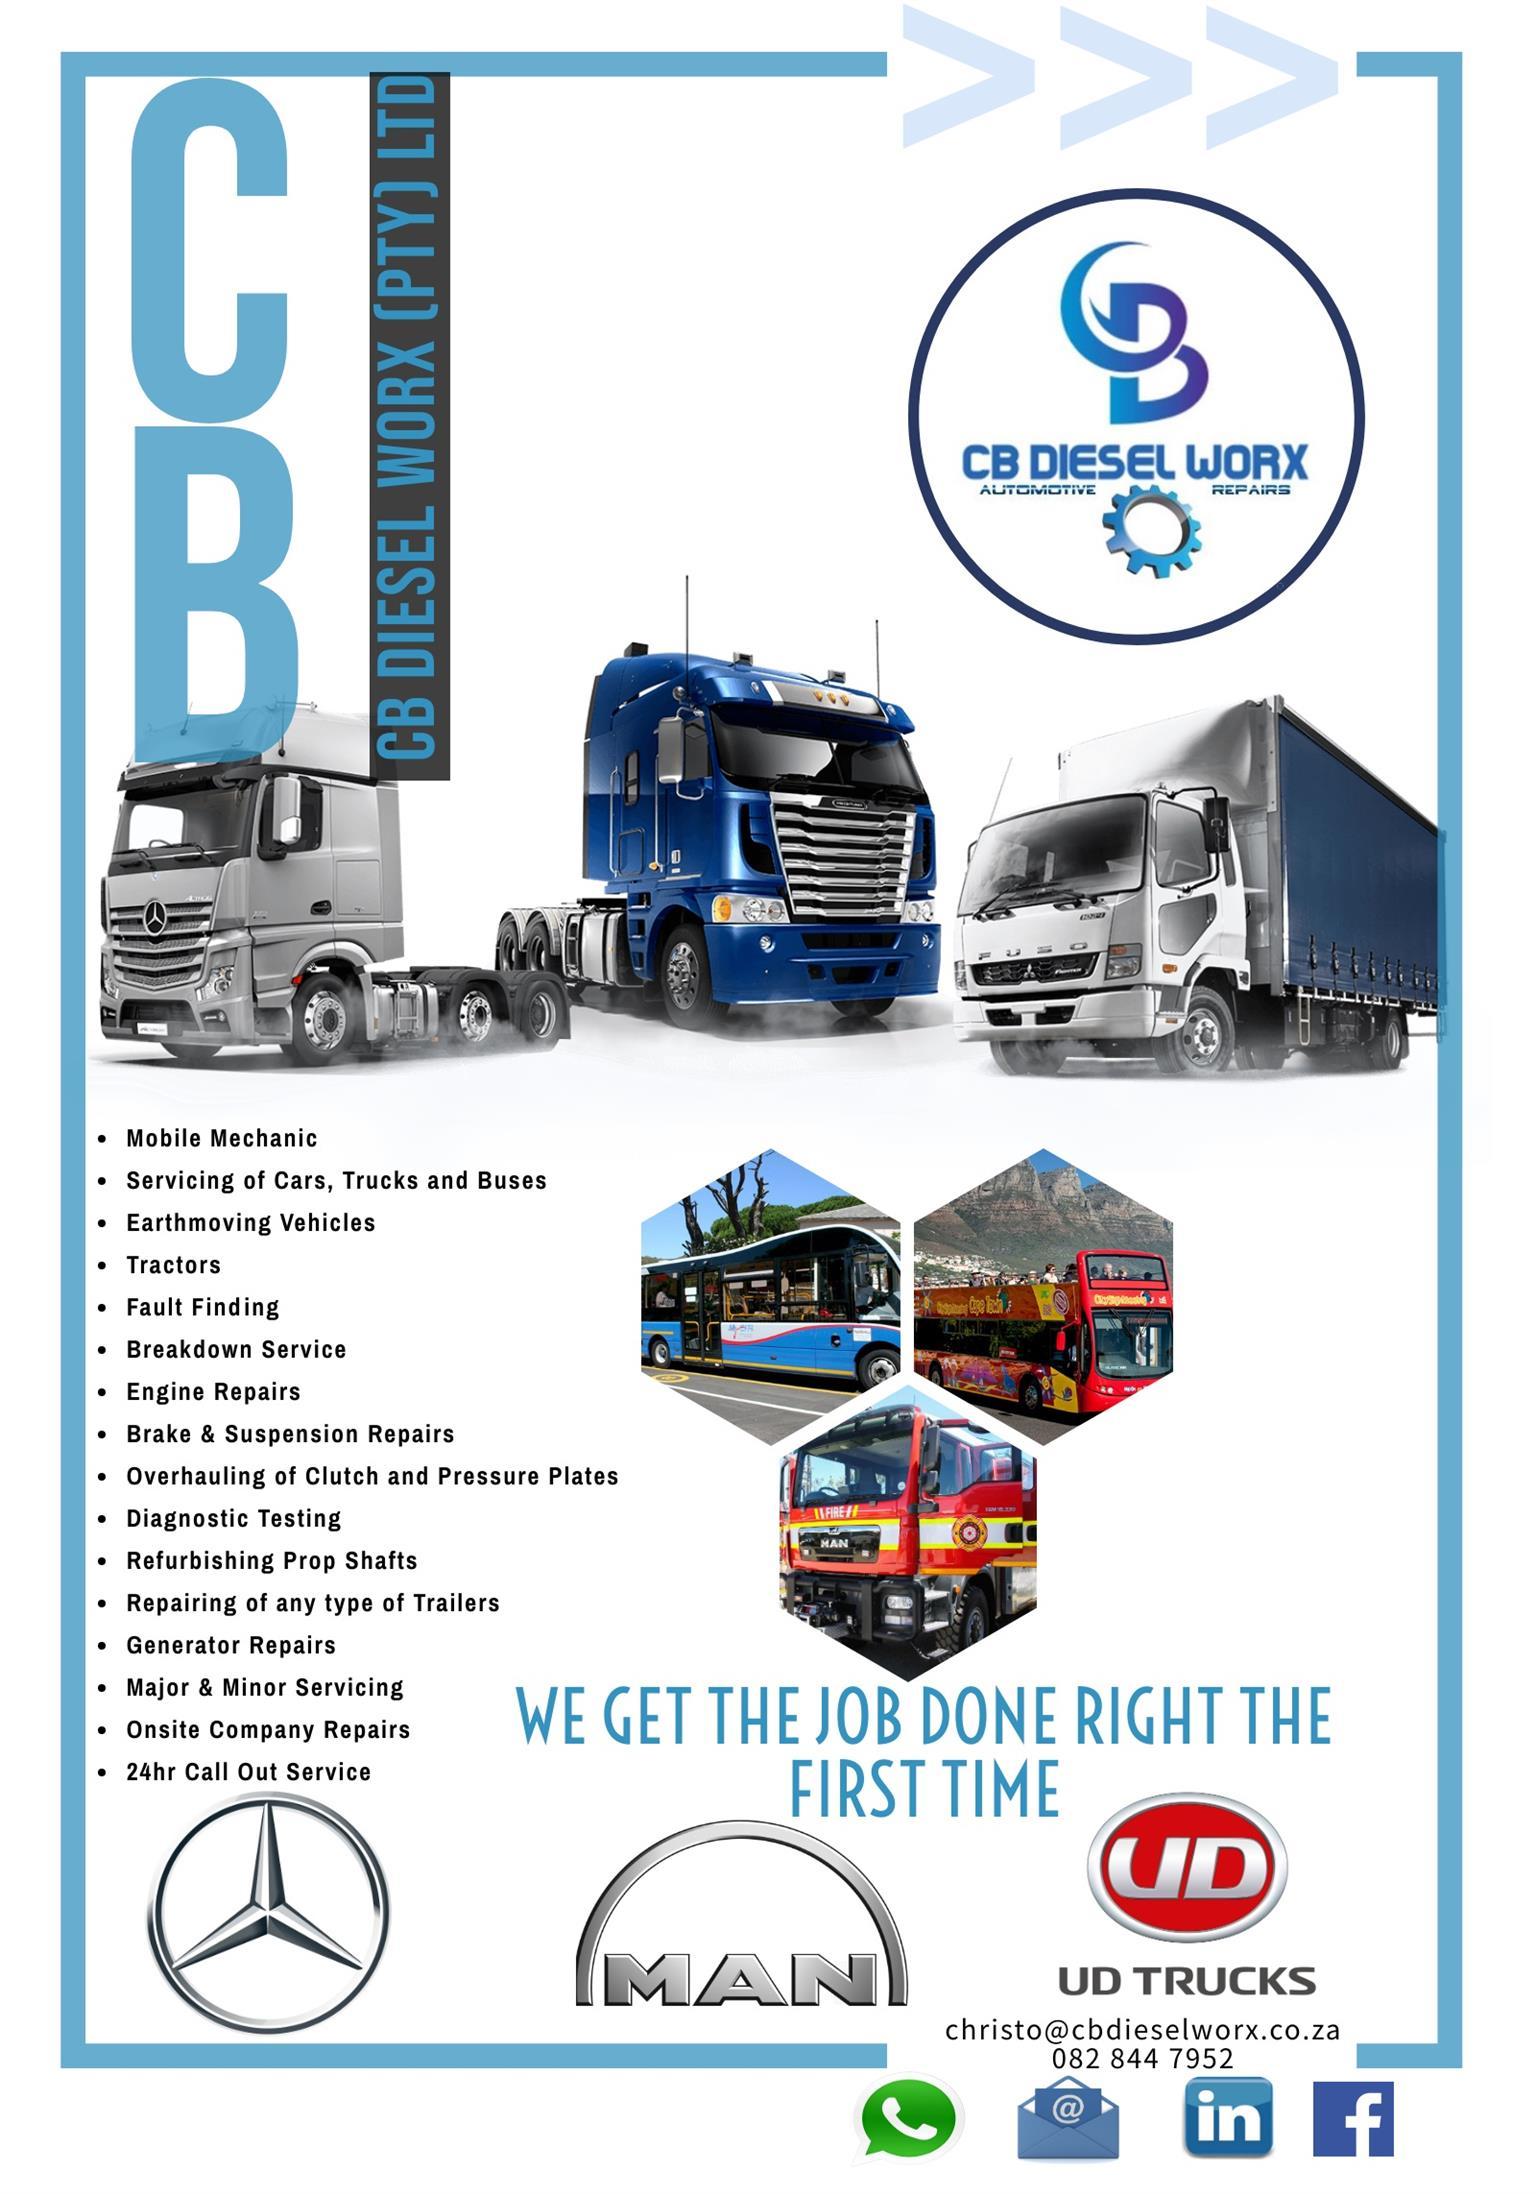 CB Diesel Worx (PTY) LTD